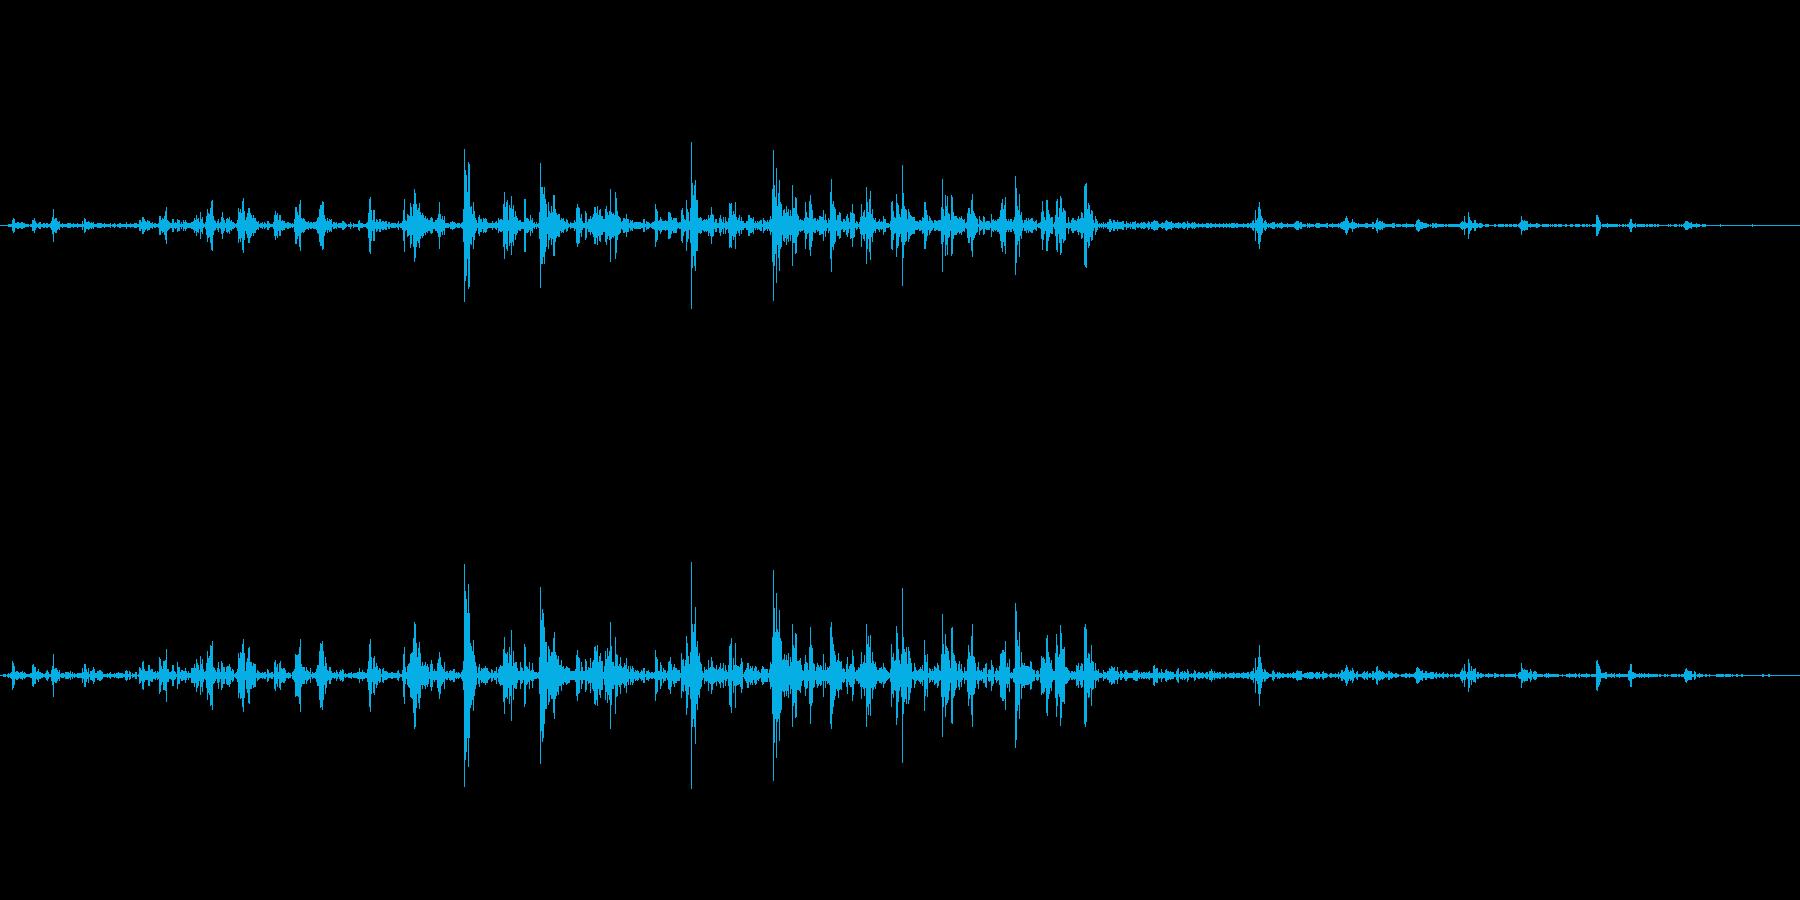 力強く握るような音の再生済みの波形